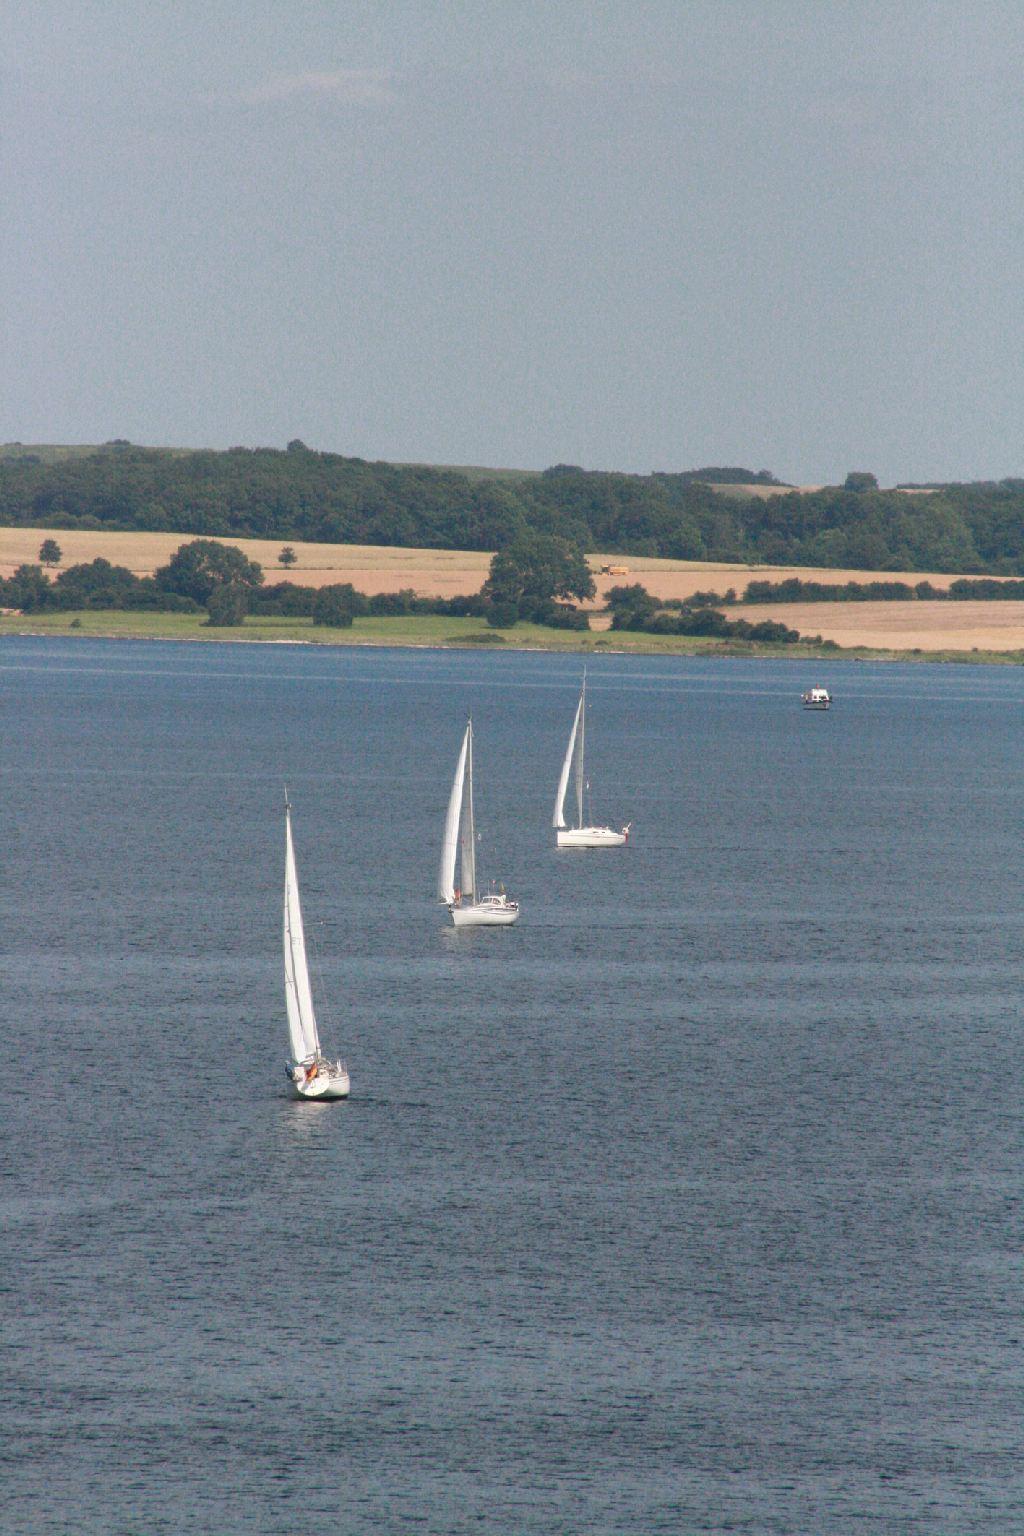 Drei Segelboote auf dem Wasser bei Langballig. Im Hintergrund Land